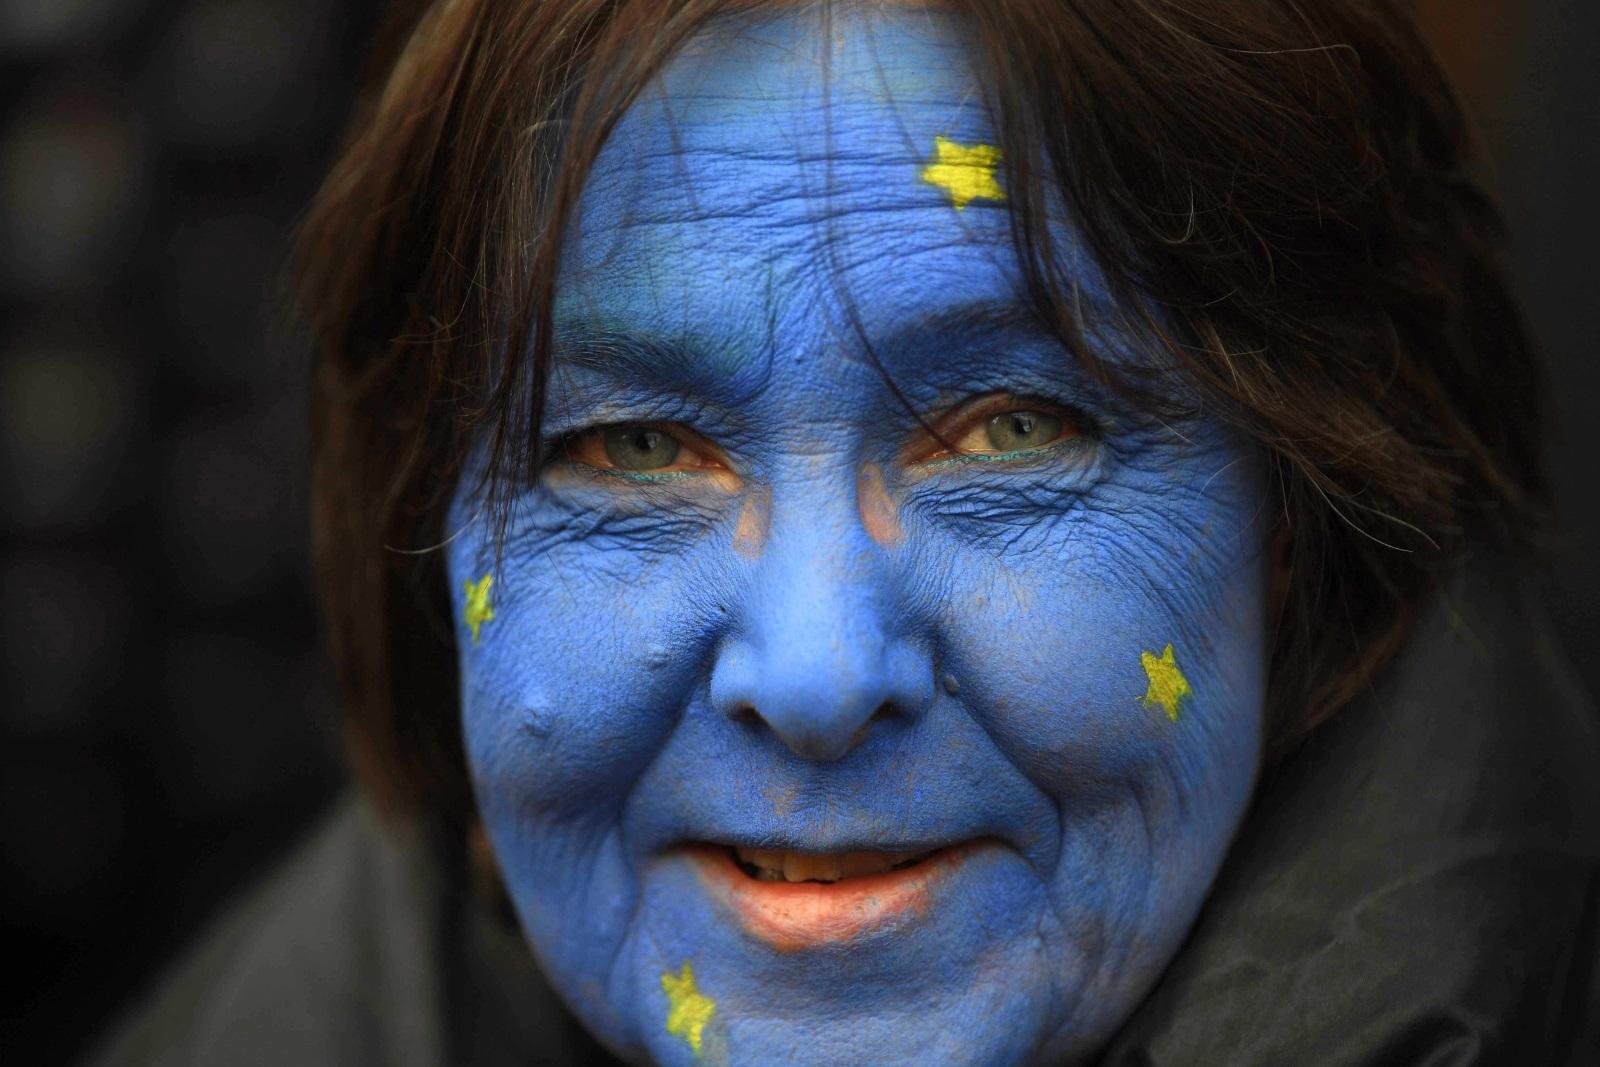 Стотици хиляди проевропейски настроени британци от всички краища на Обединеното кралство се събраха на протест в Лондон.